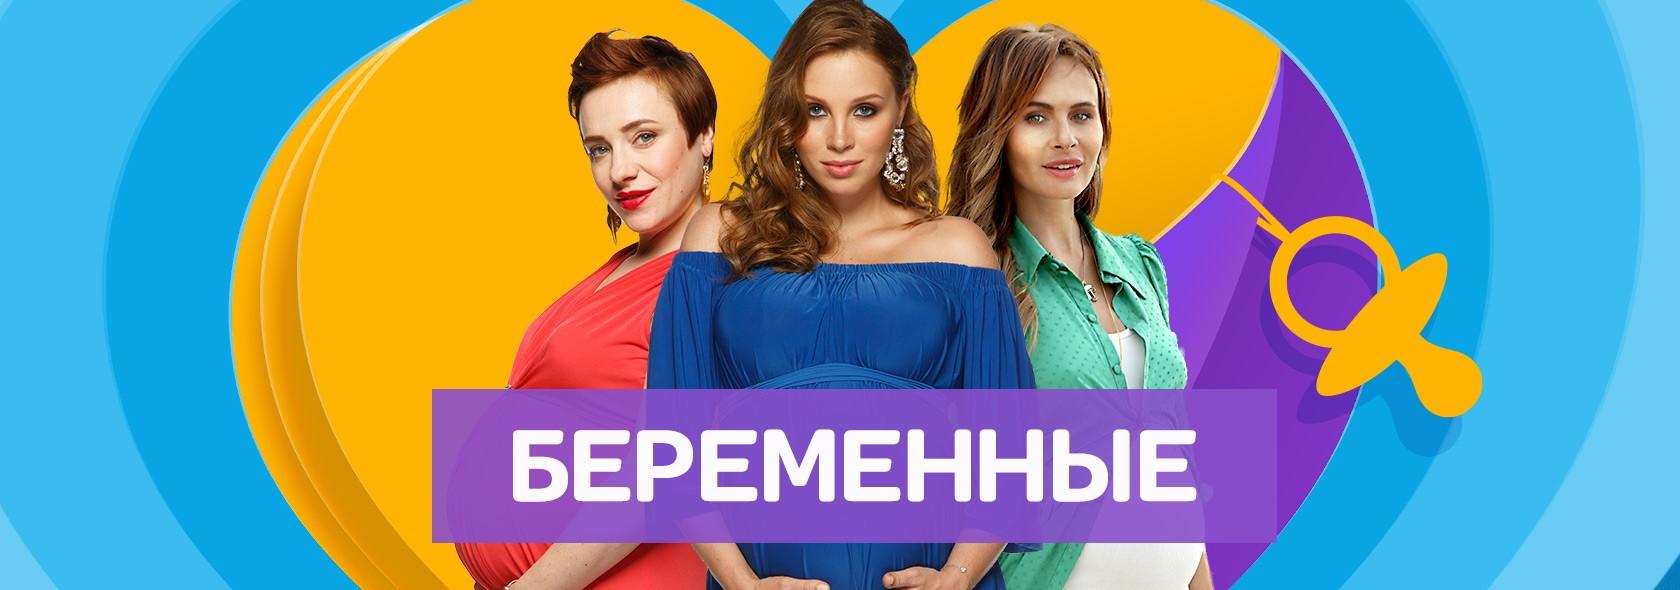 Беременные домашний 1 сезон 2 серия 51